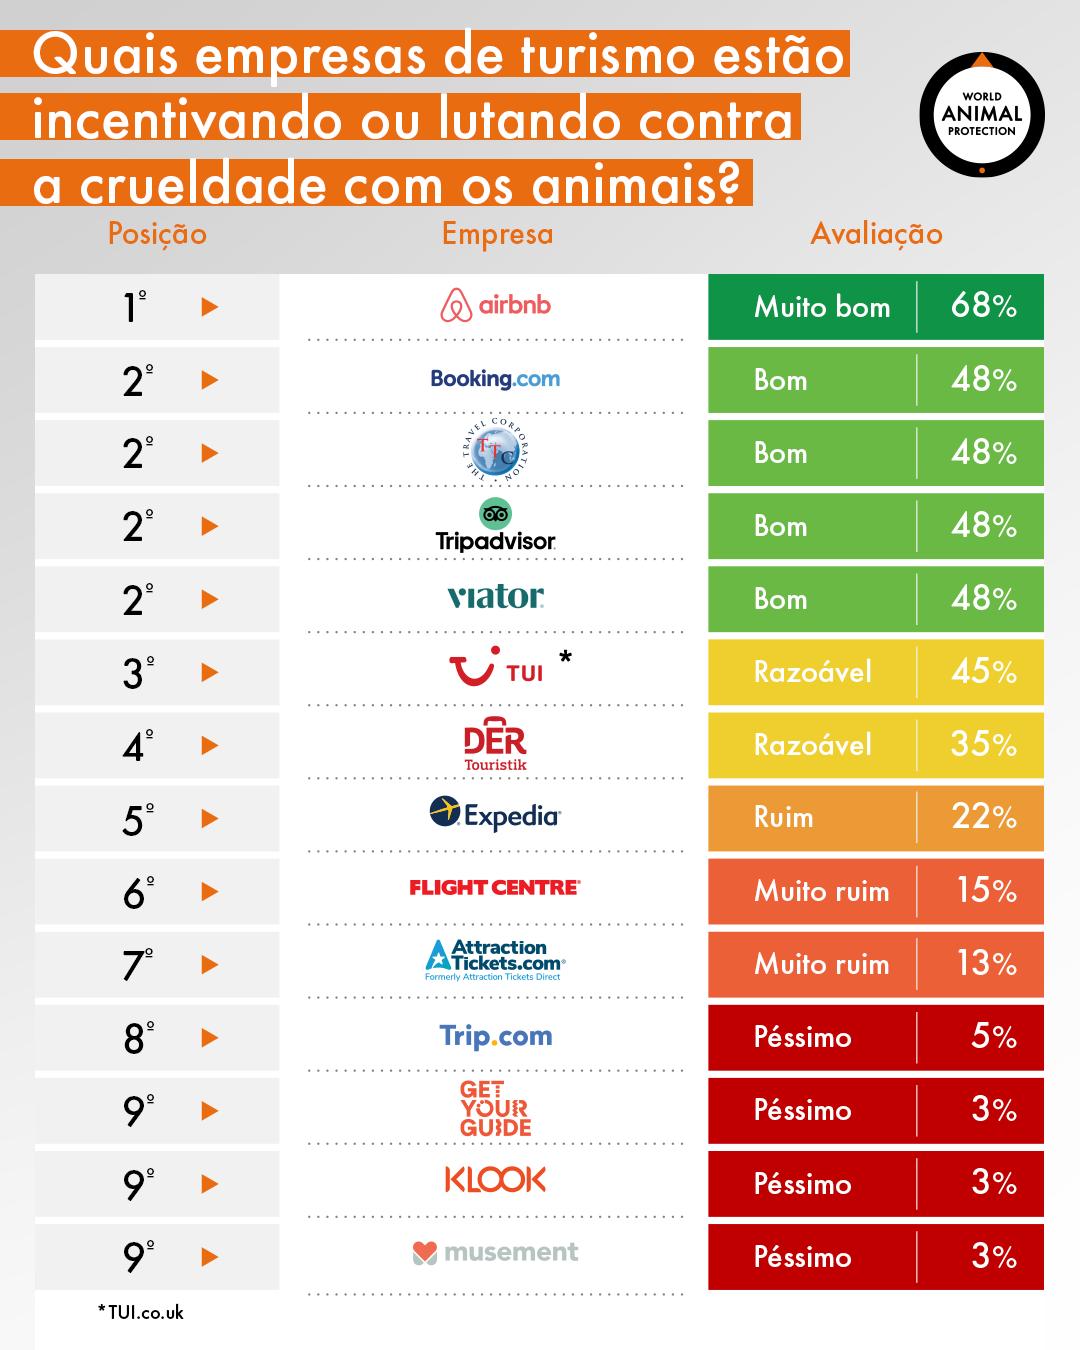 Infográfico com ranking das empresas de turismo avaliadas quanto ao apoio ou luta contra a crueldade com animais em atrações turísticas